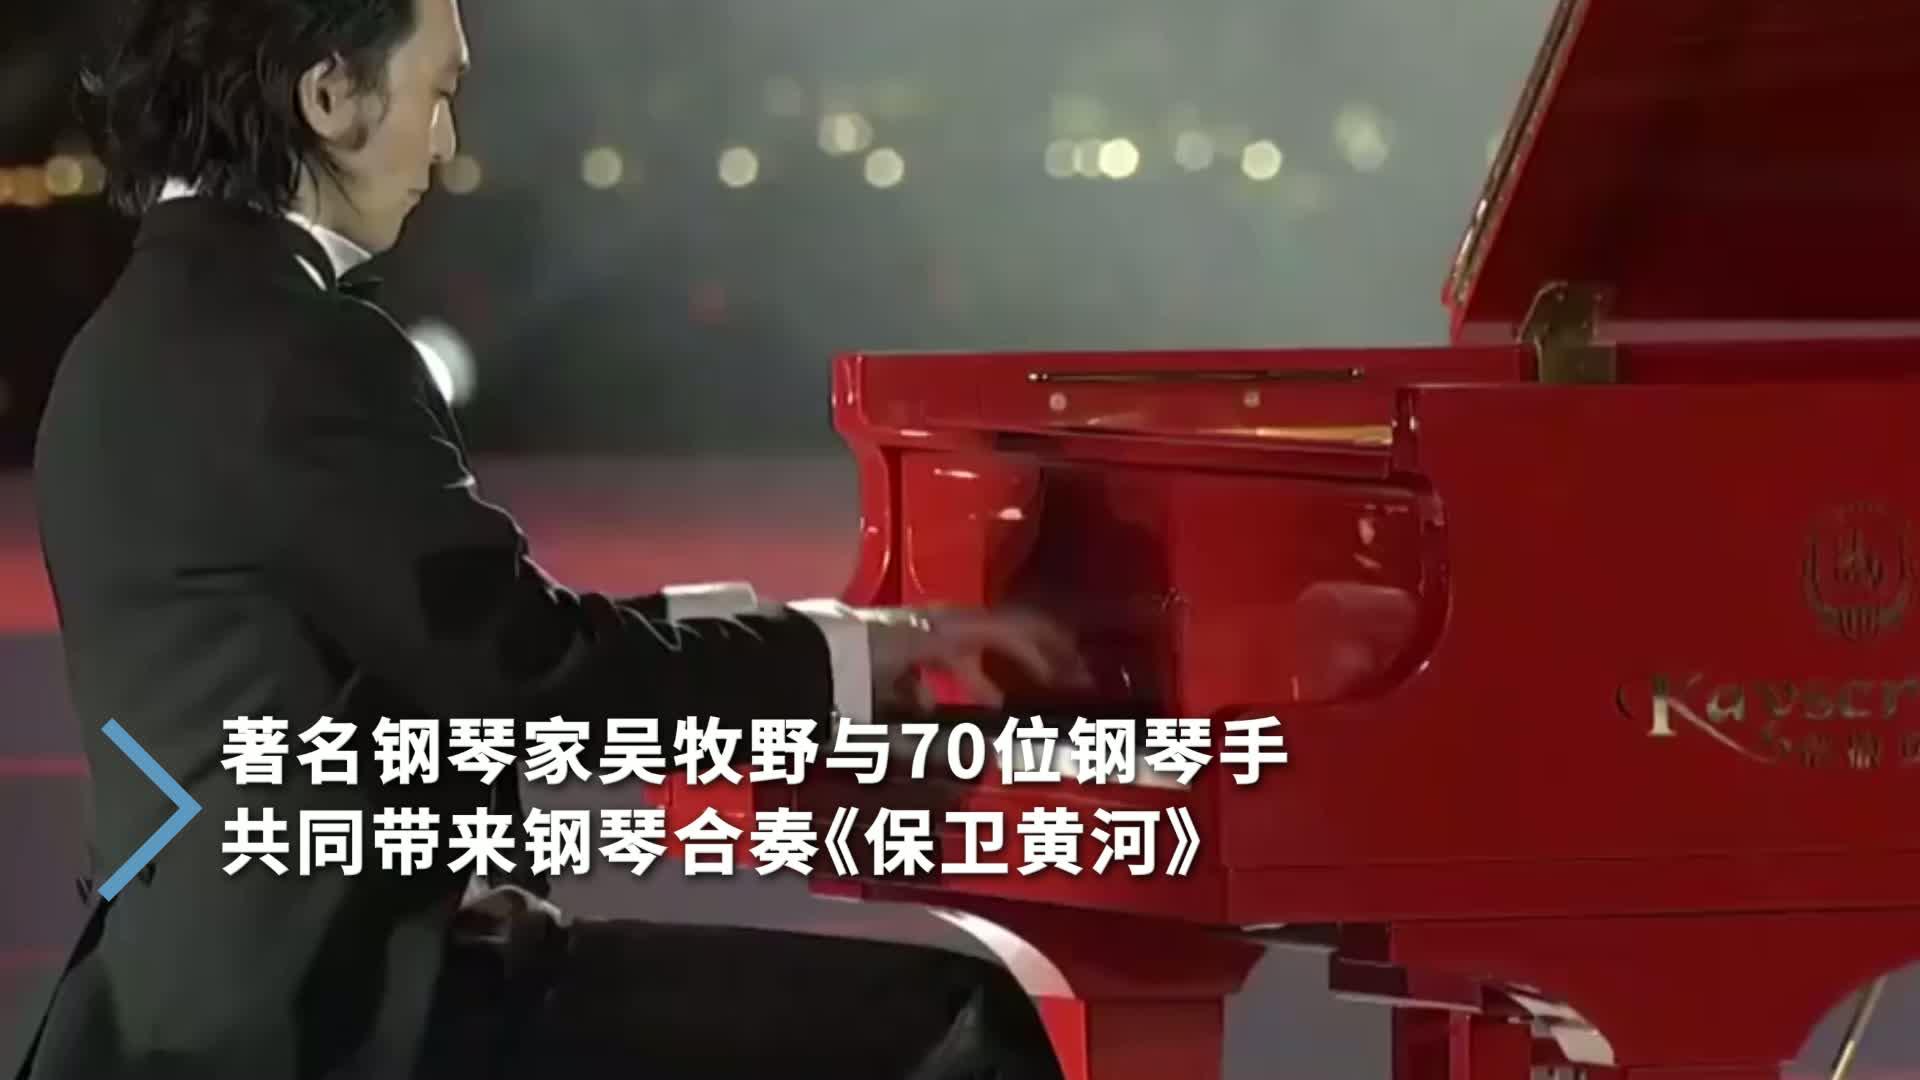 70位鋼琴手在珠江河畔,同賀新中國成立70周年